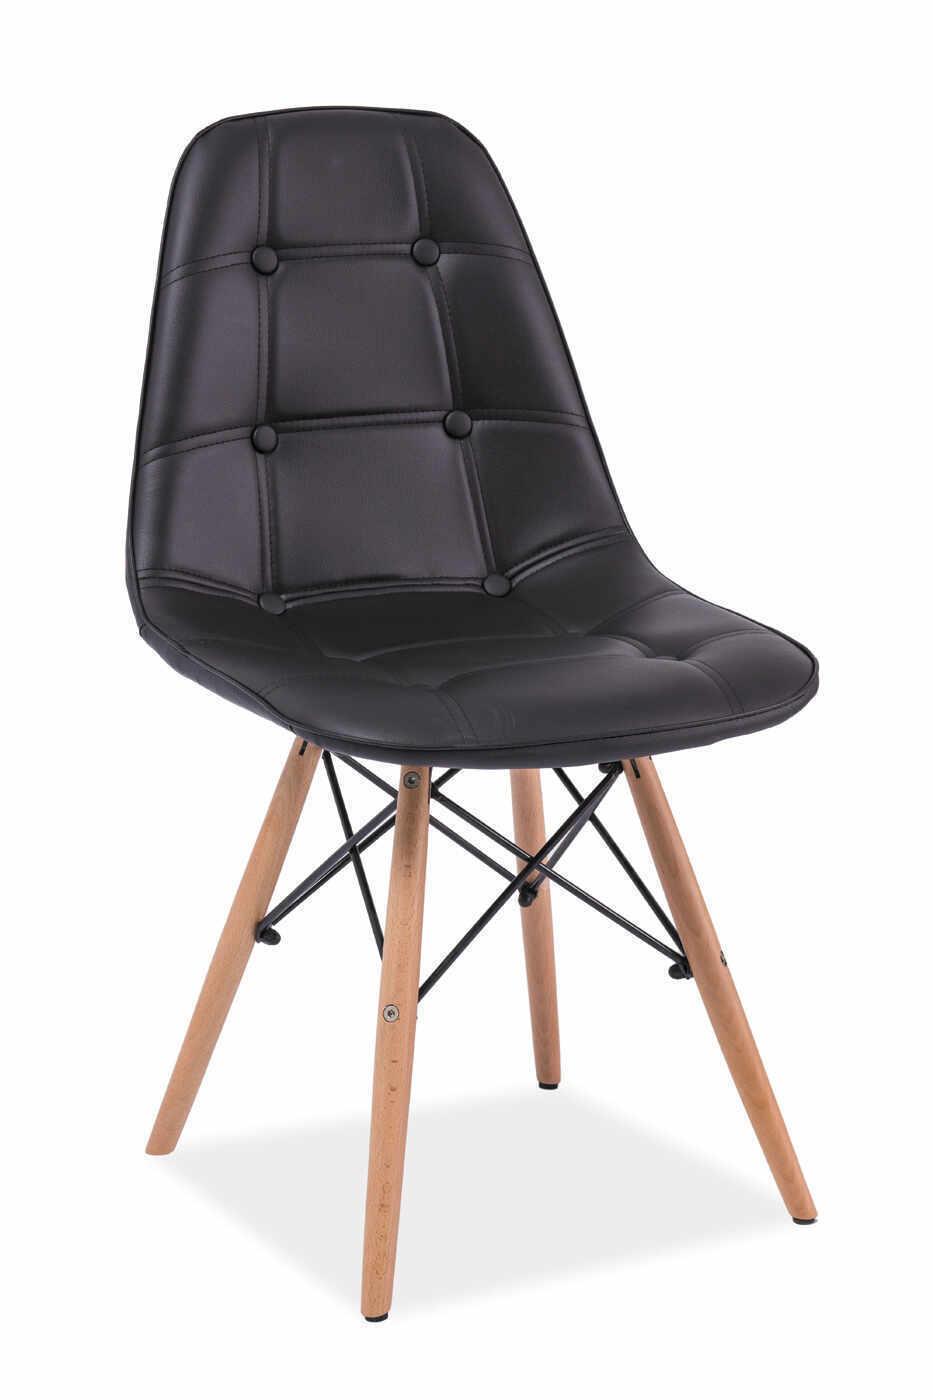 Scaun tapitat cu piele ecologica, cu picioare din lemn Axel Black, l45xA41xH88 cm la pret 178 lei